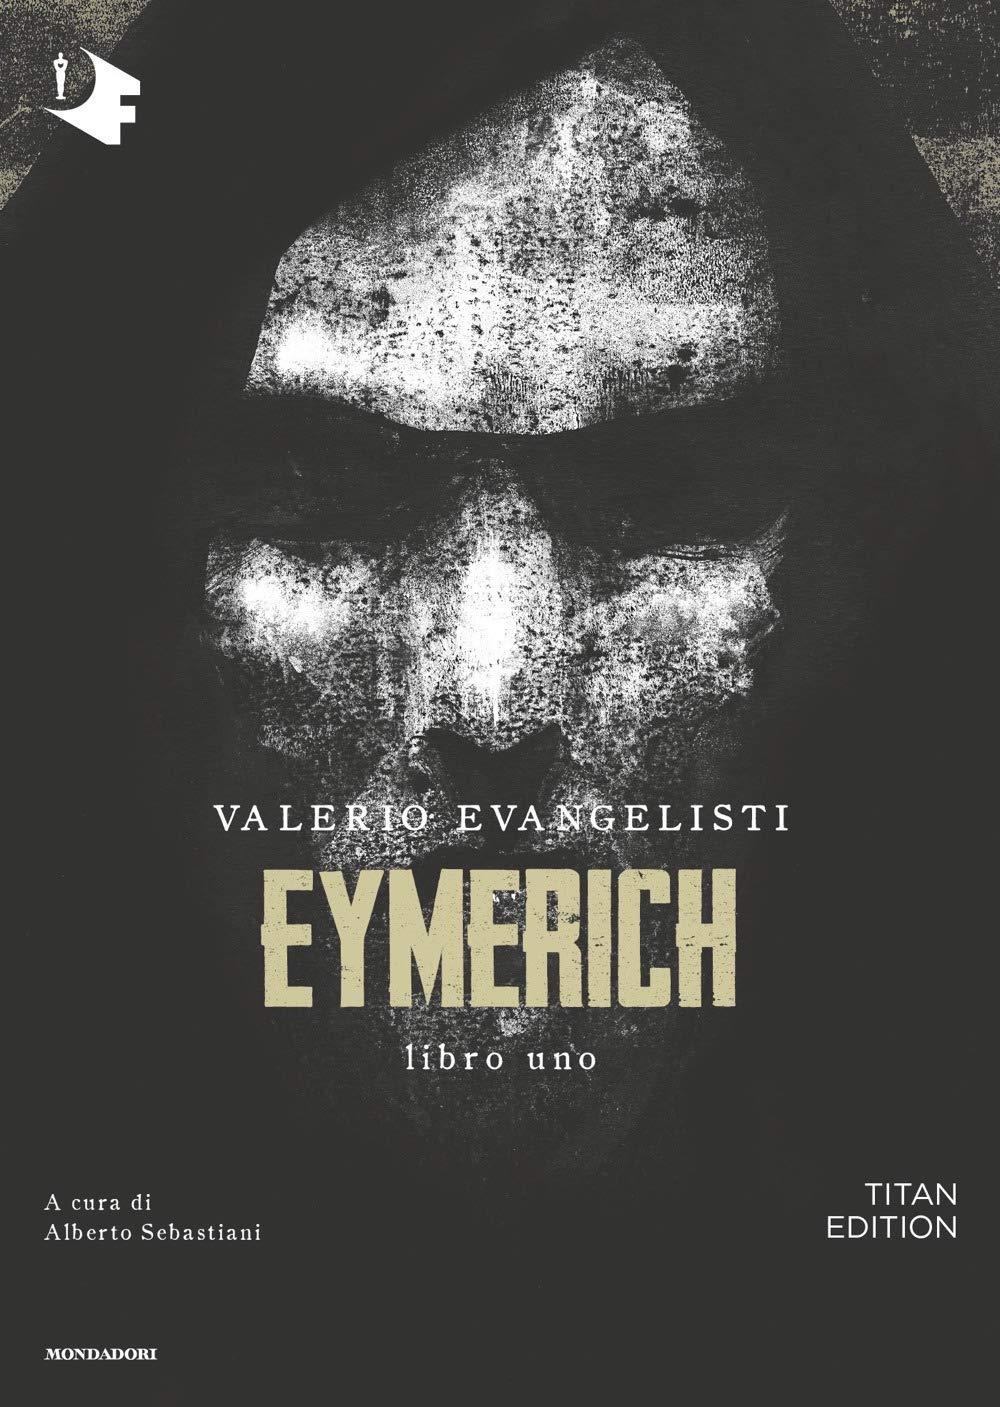 Eymerich: Libro uno